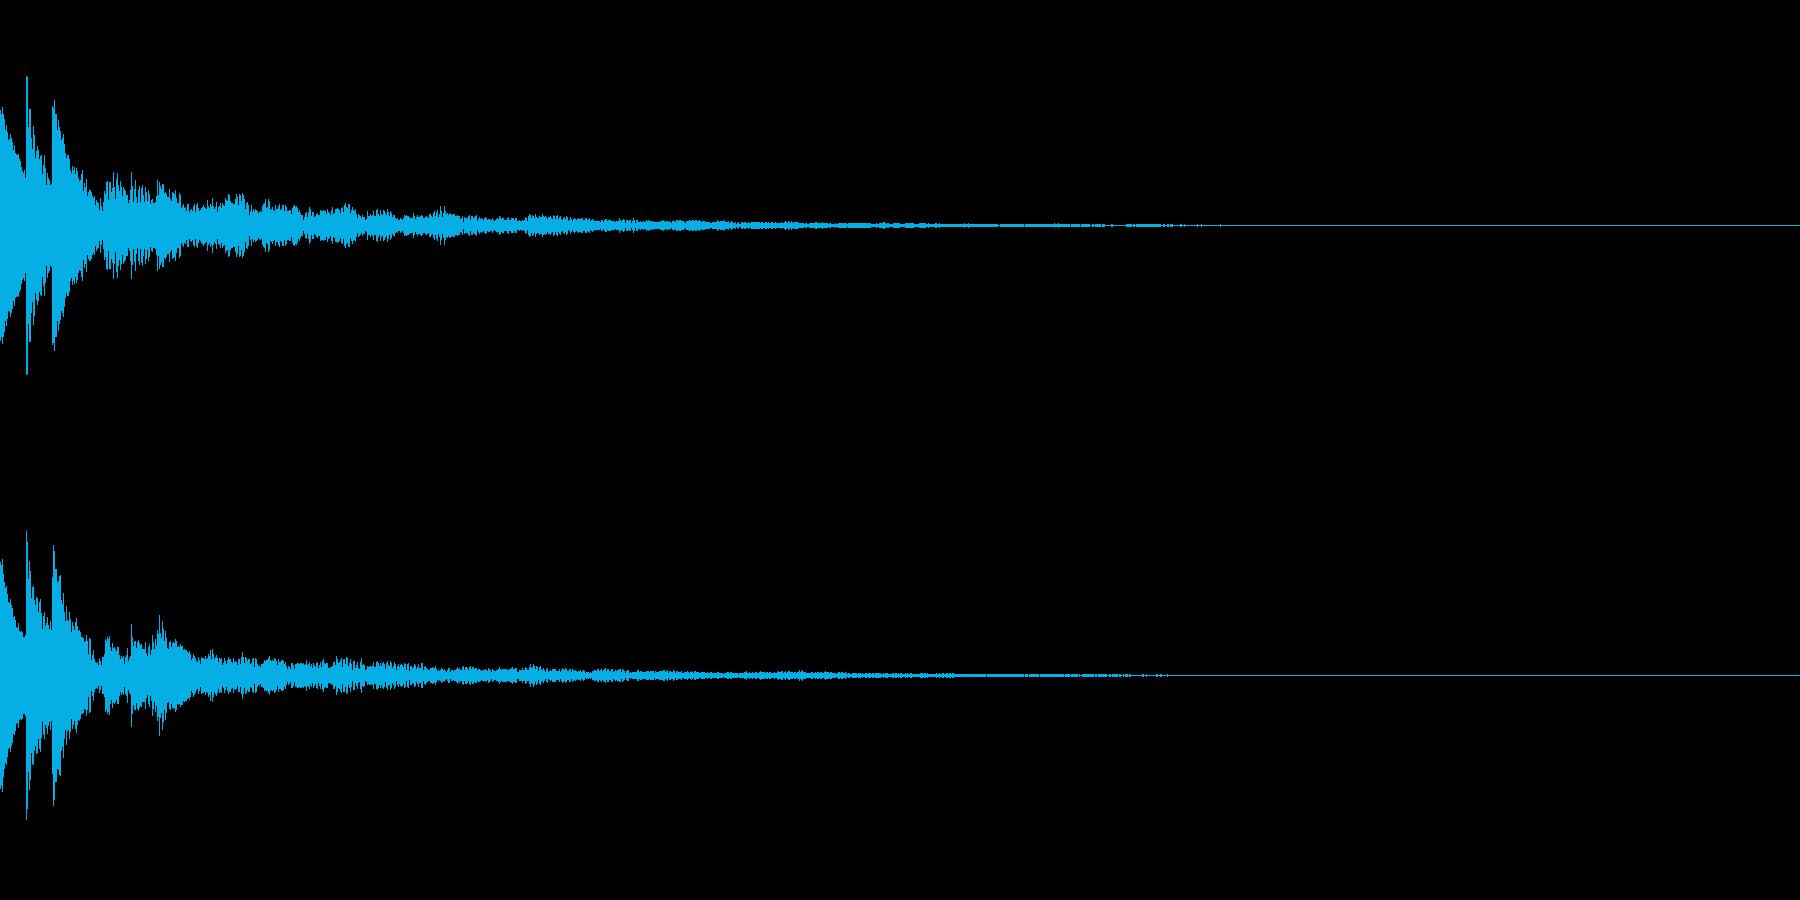 綺麗なボタン音01(長め)の再生済みの波形